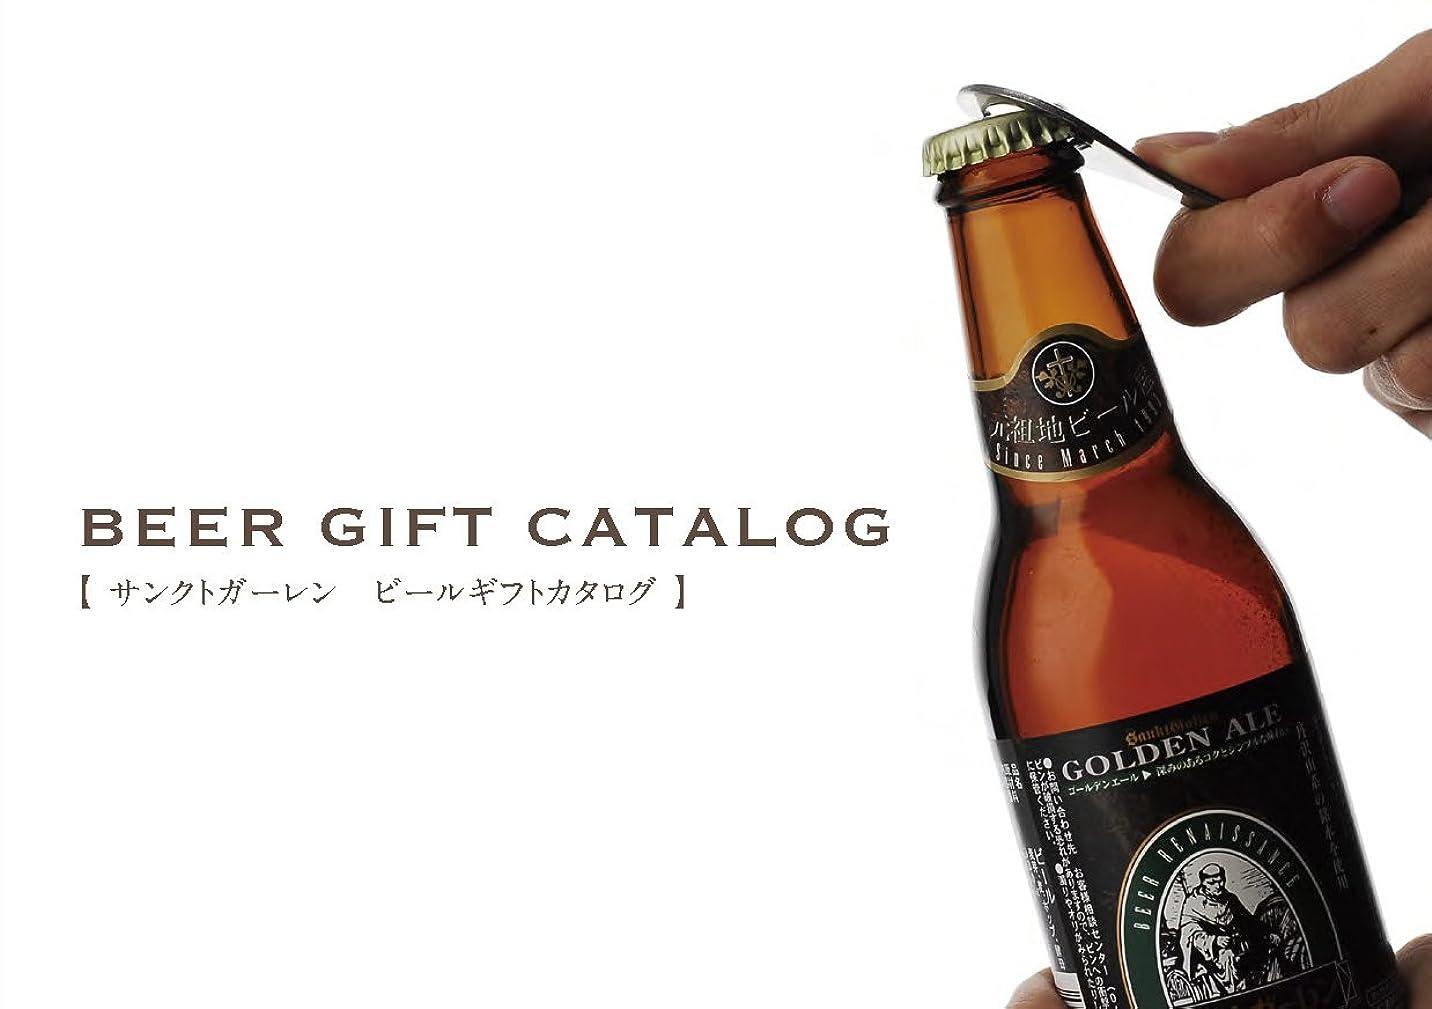 伝える受けるブルサンクトガーレン 【ビール カタログギフト】